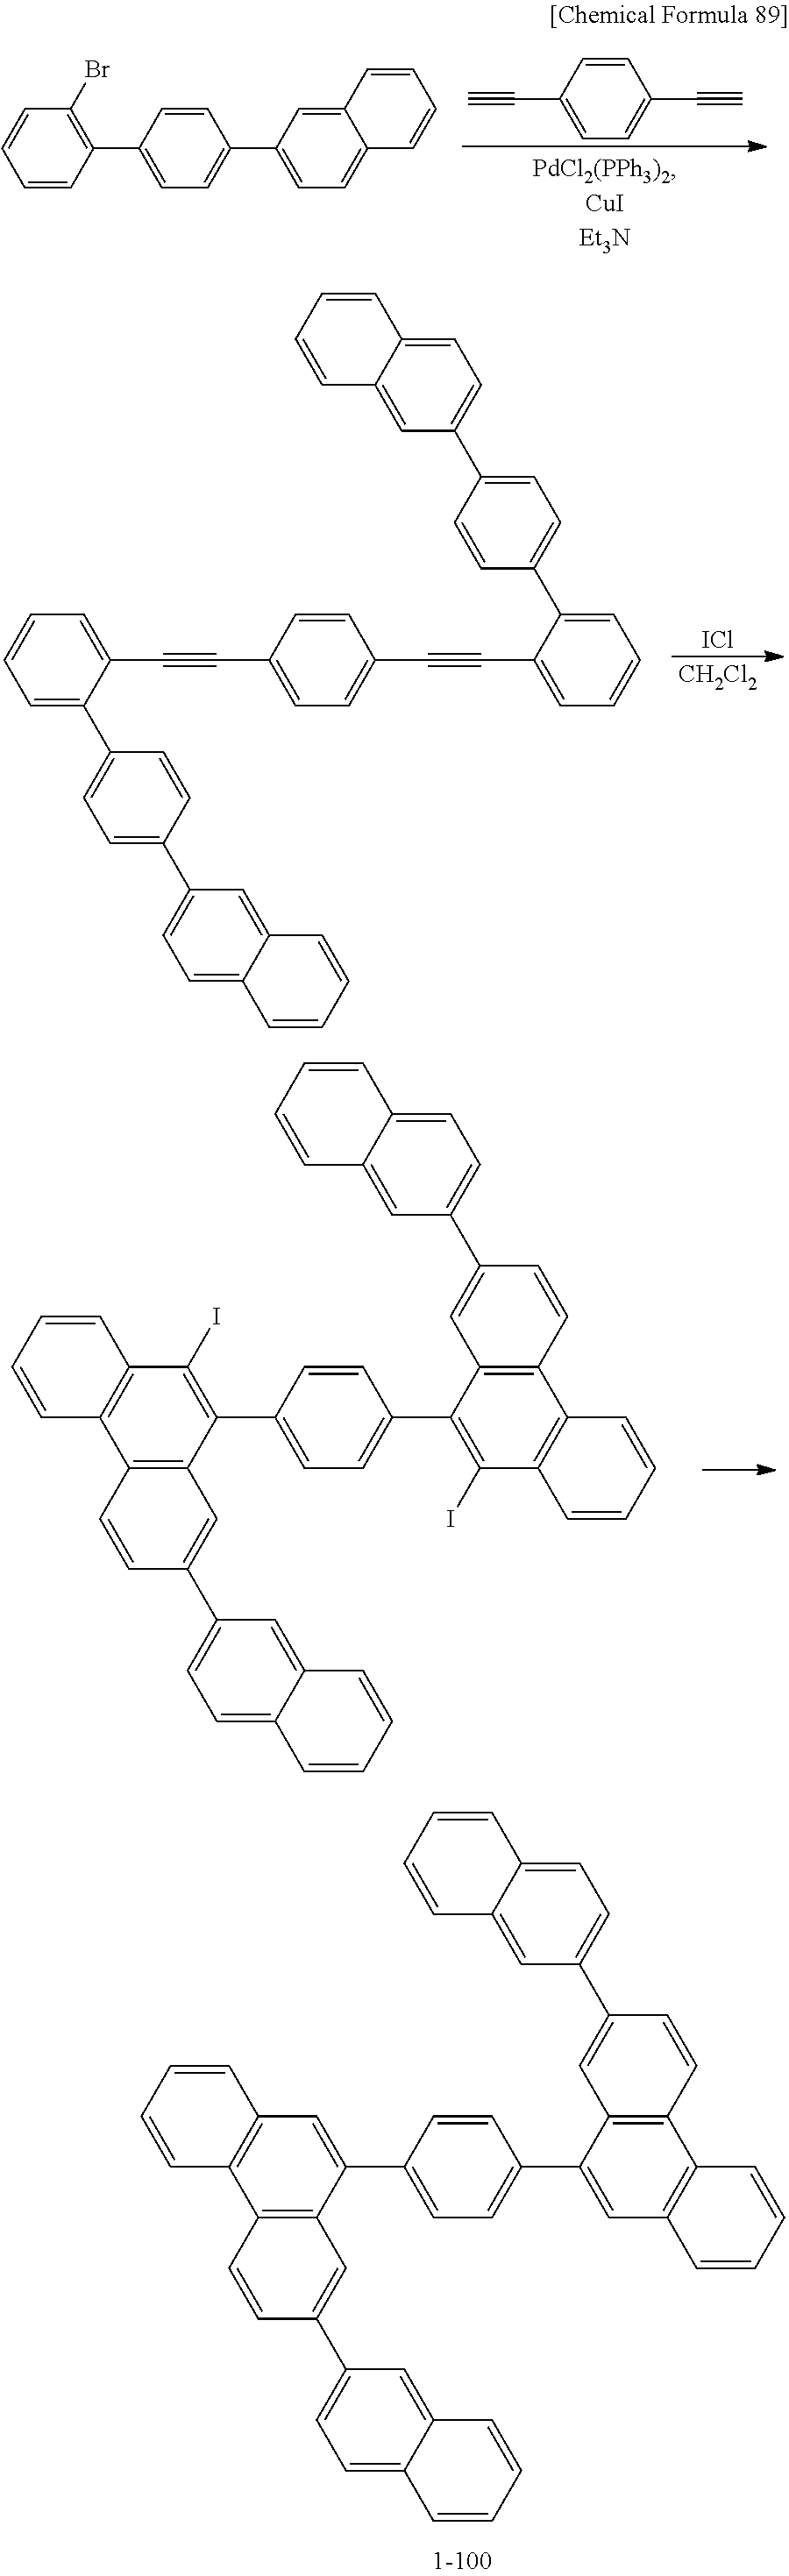 Figure US08568903-20131029-C00722